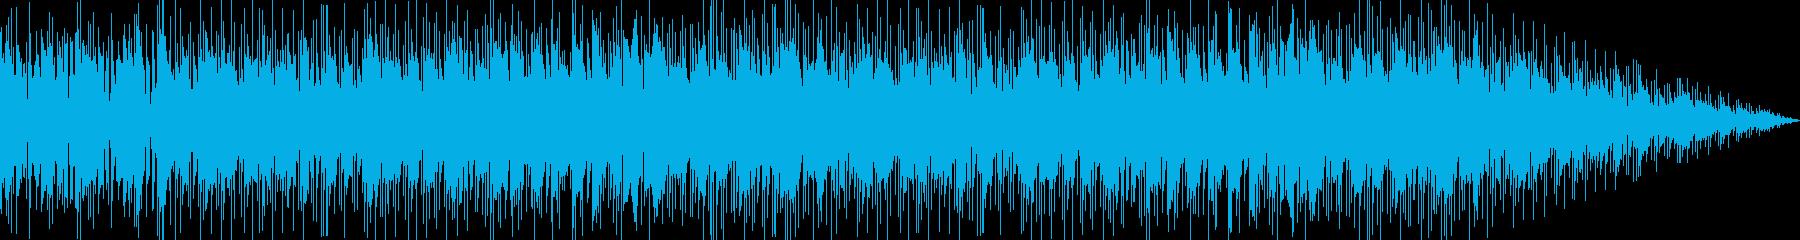 レトロアクションゲーム風ロックBGMの再生済みの波形